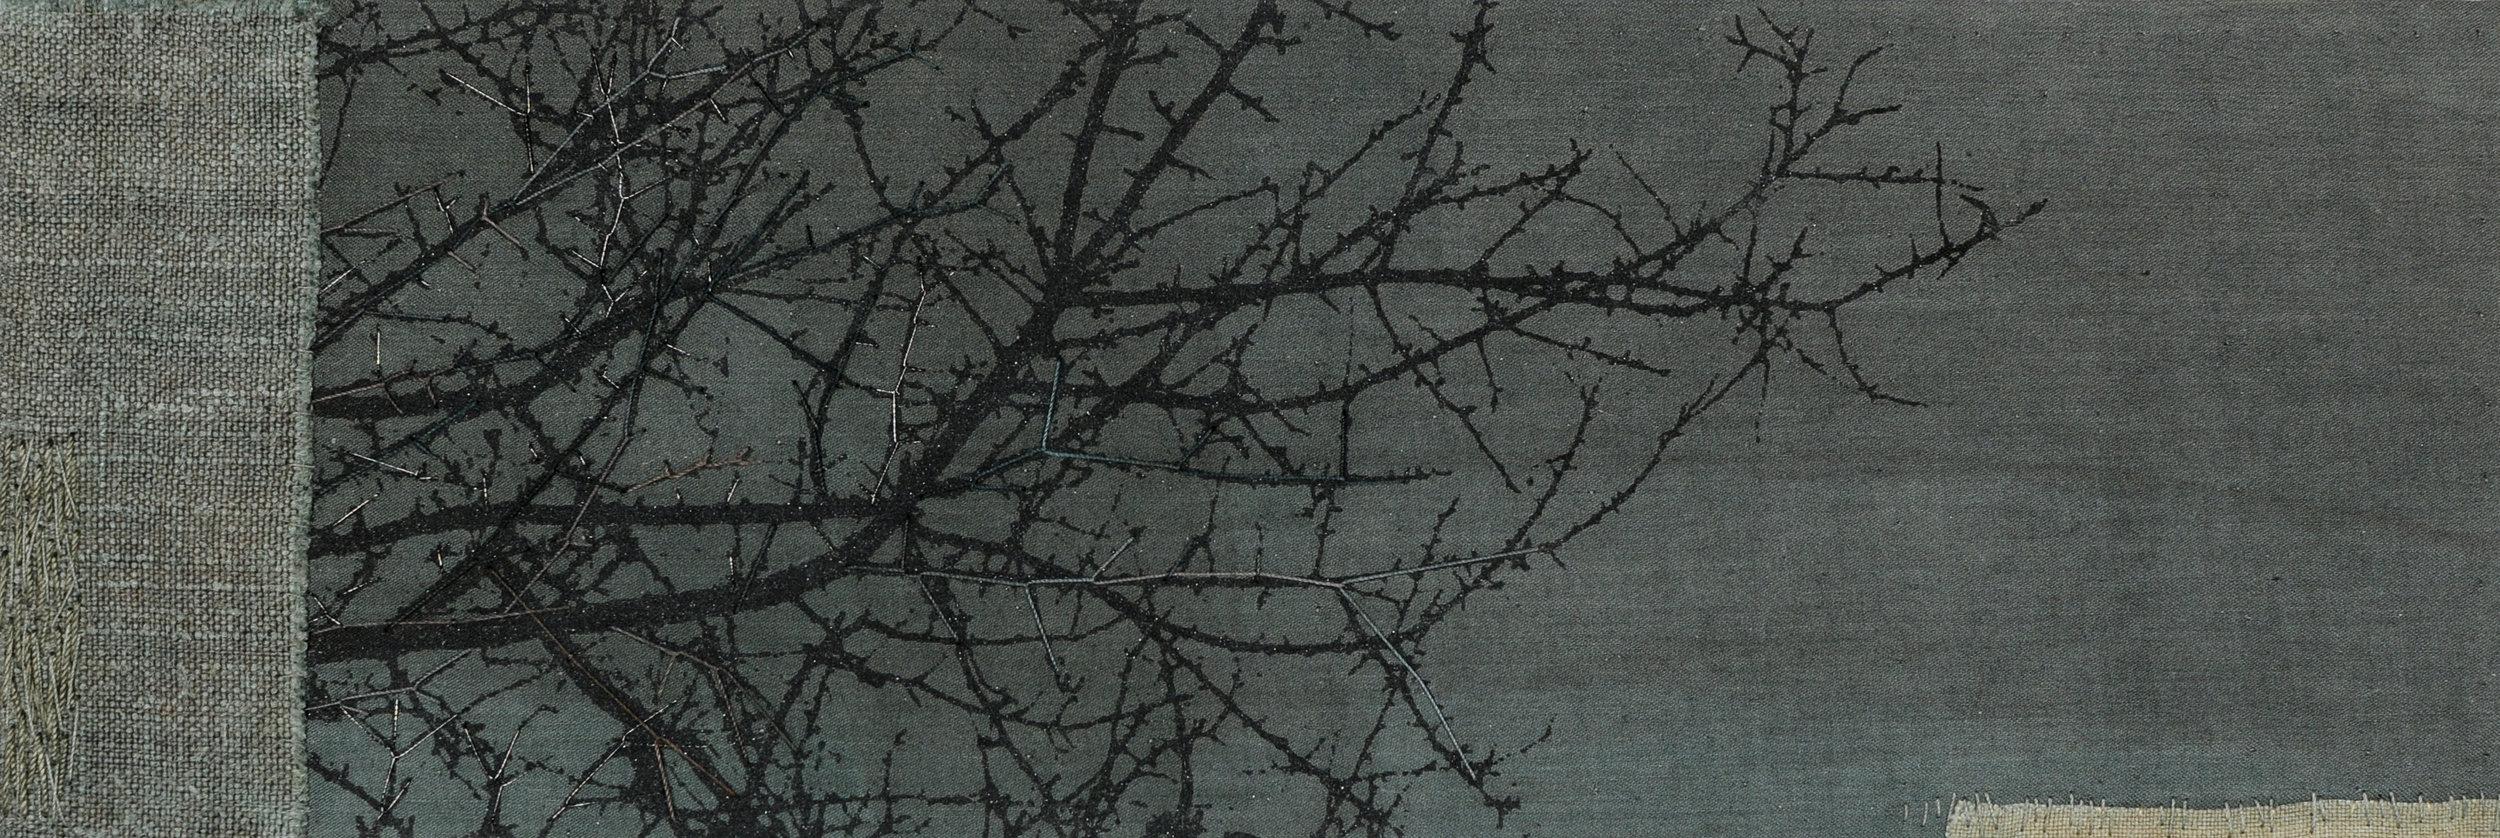 Thorn 6 (Noctua)